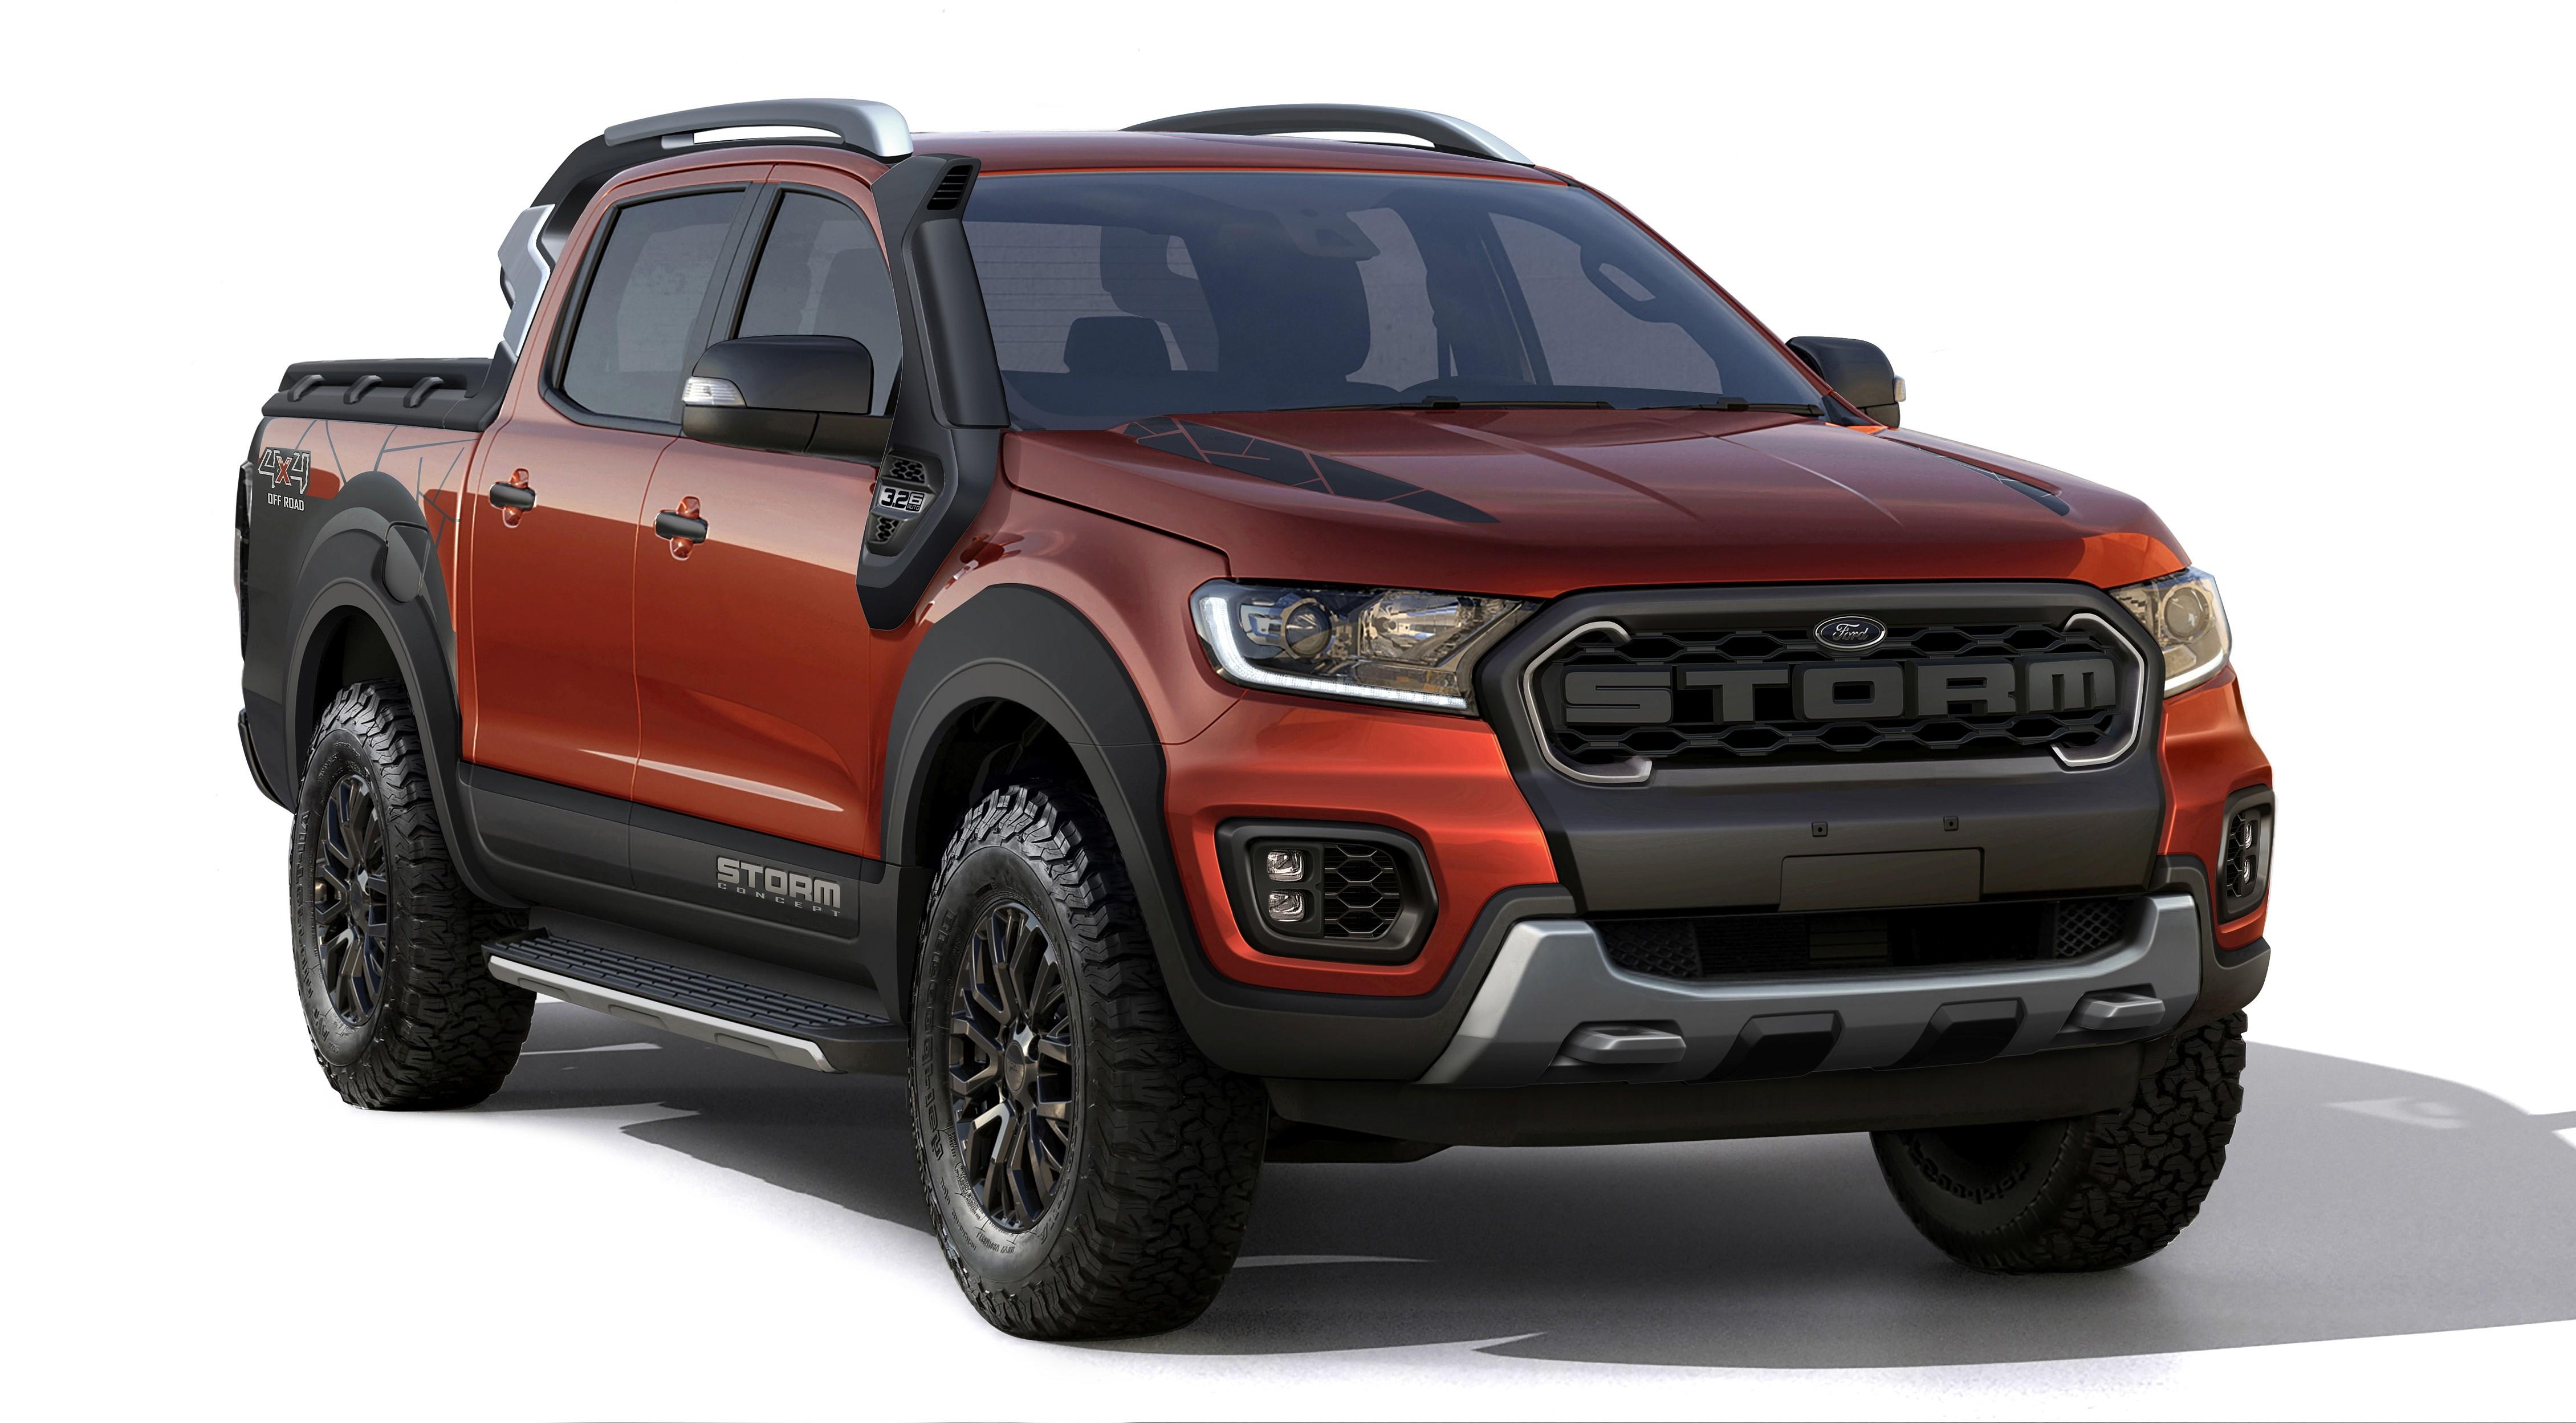 Ford Ranger Storm Concept Looks Like A Budget Minded Ranger Raptor